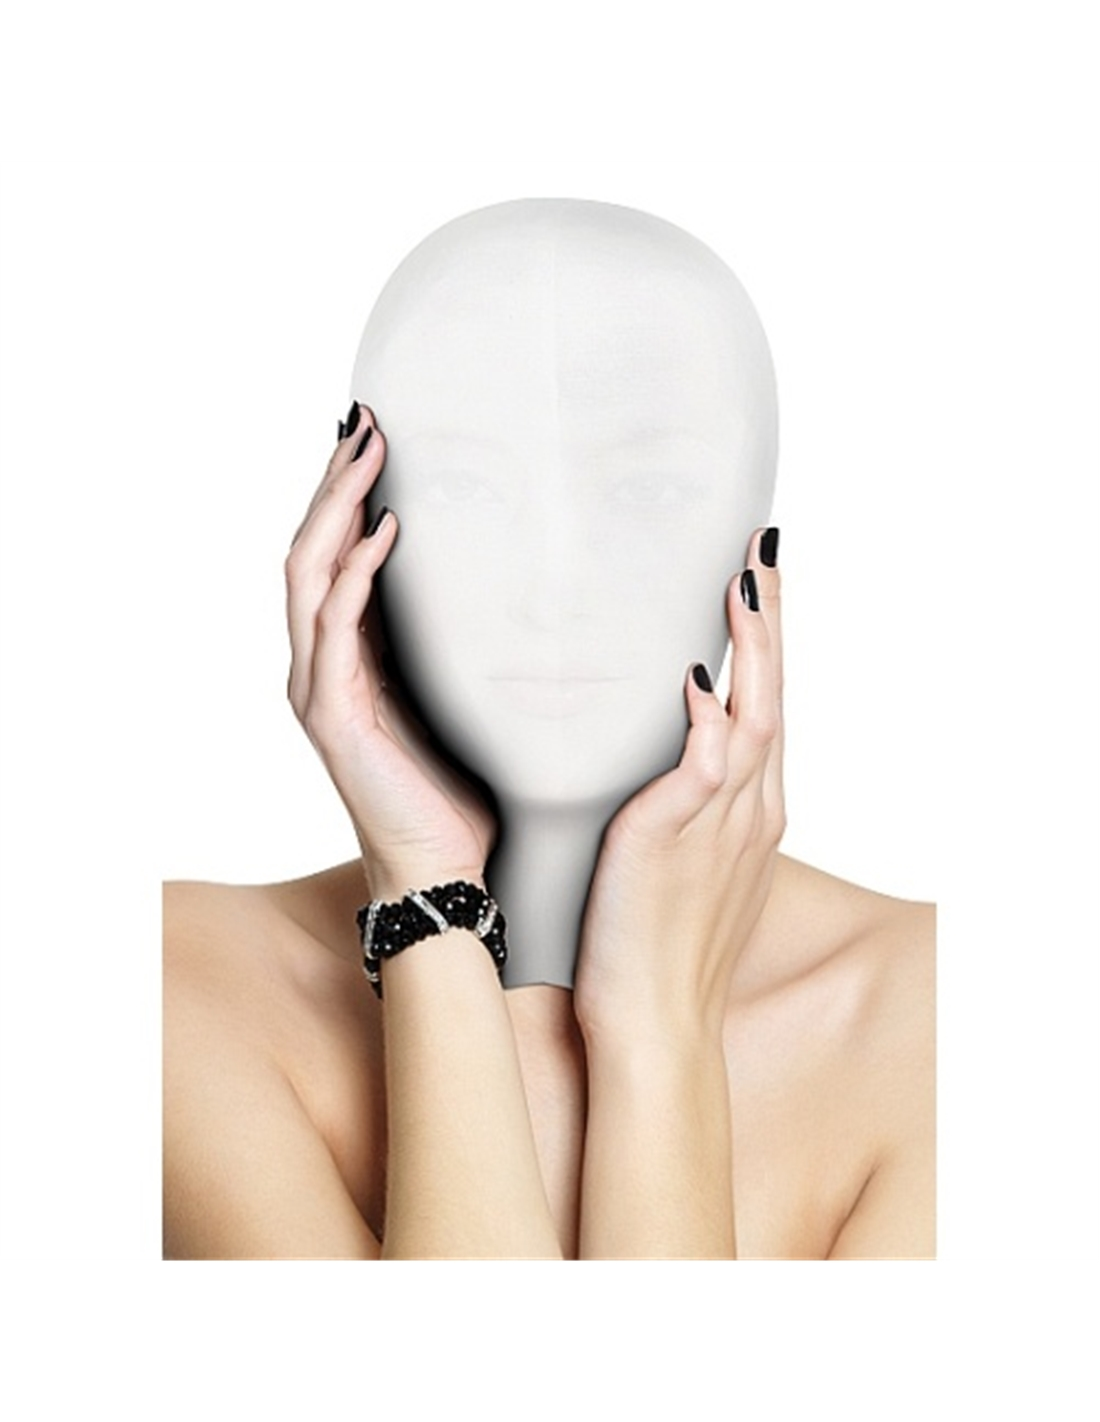 Máscara Subjugation Mask Branca - PR2010320099